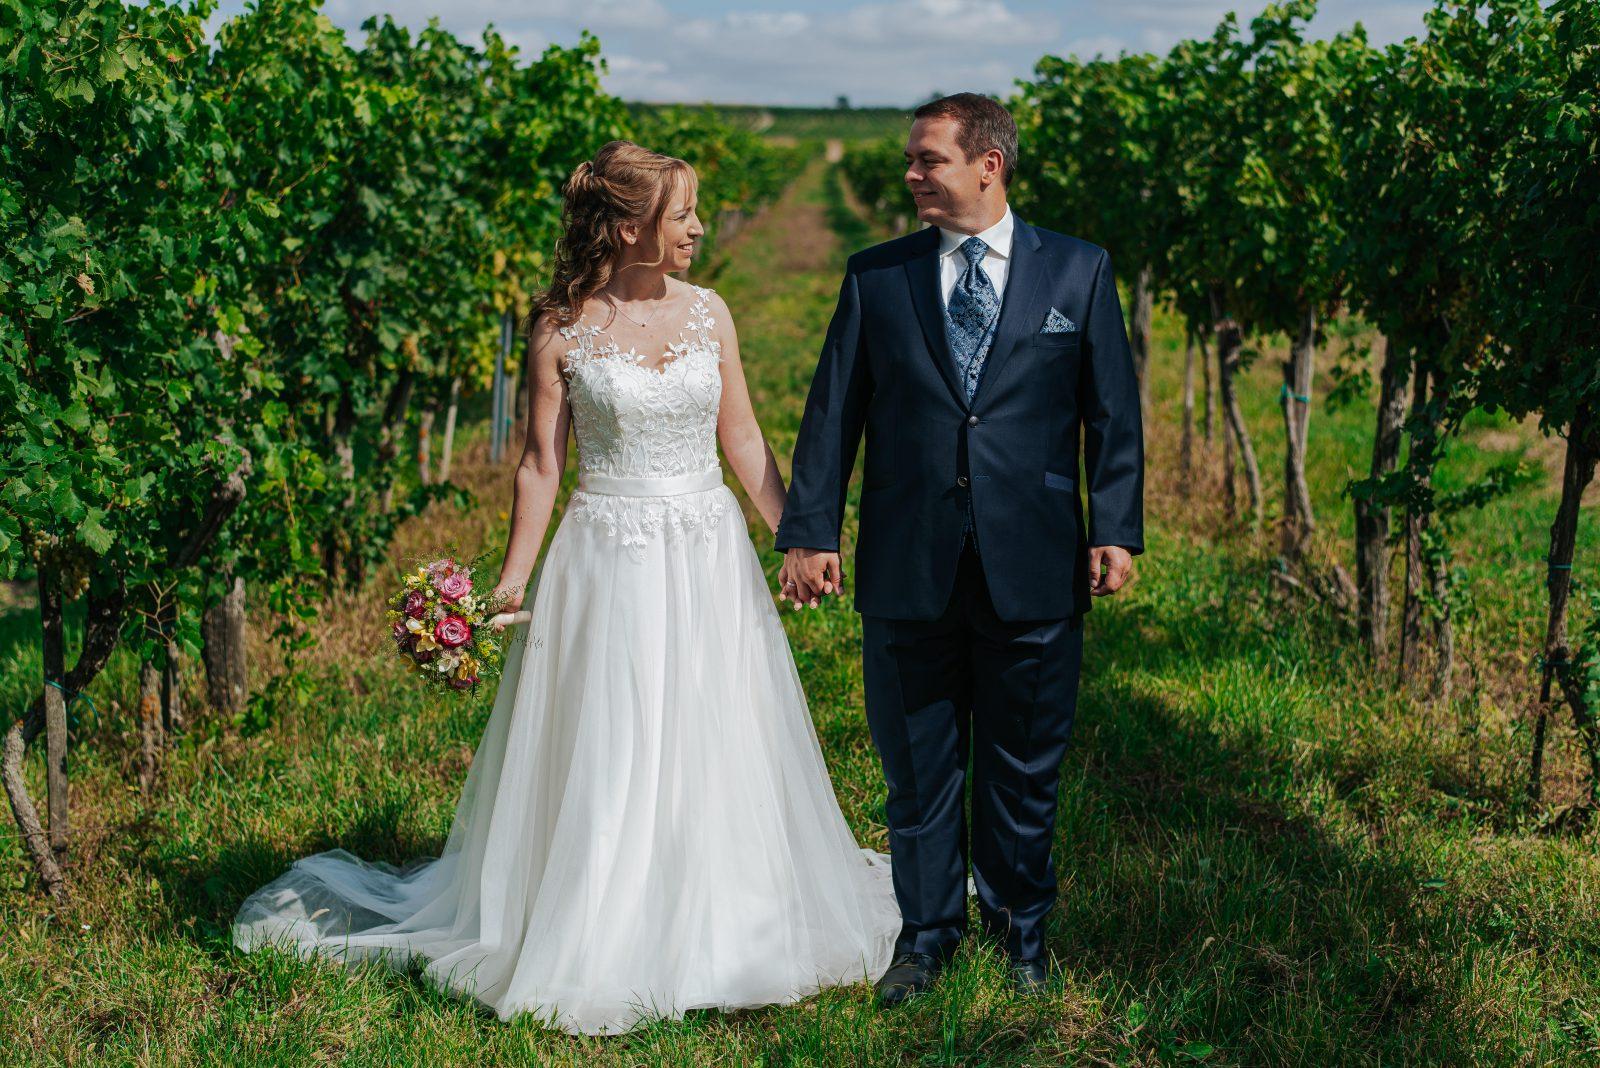 Teresa Teaser - Unsere Kollegin Teresa Frass hat geheiratet